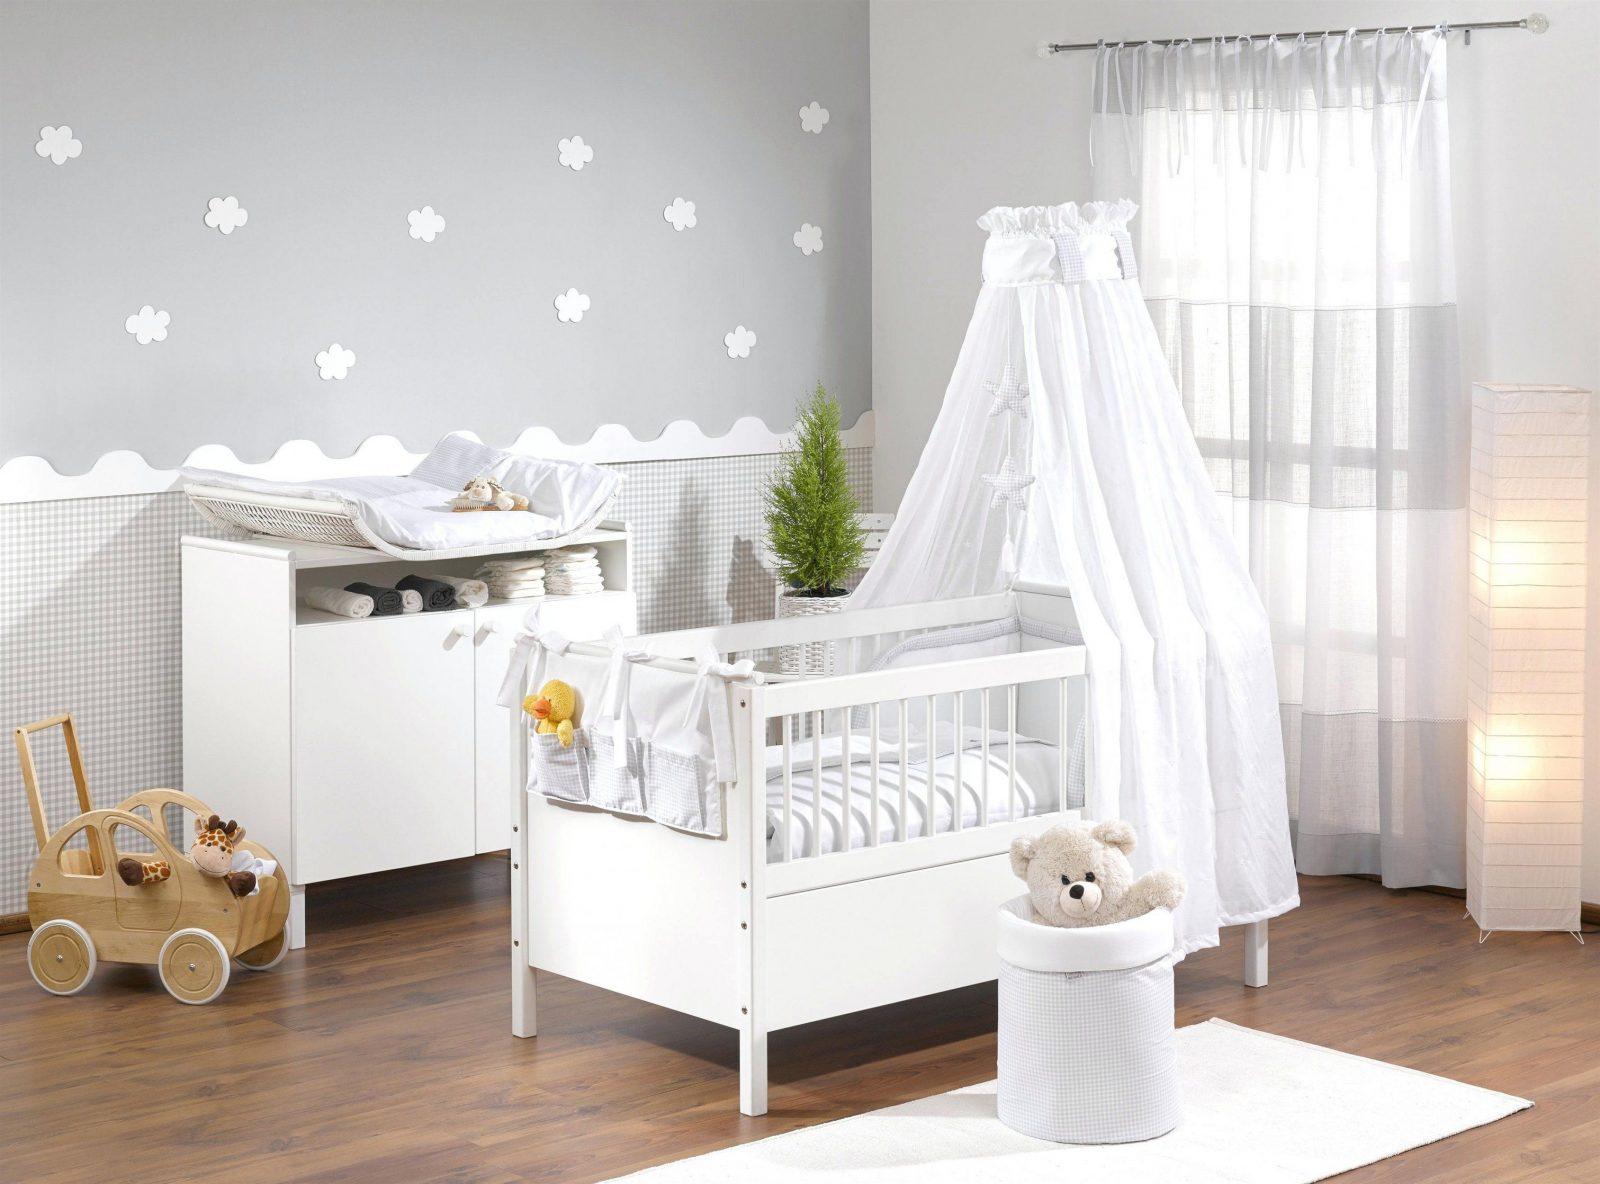 Babyzimmer Dekoration Atemberaubend Graues Ideen Deko Selber Basteln von Deko Ideen Babyzimmer Selber Machen Bild